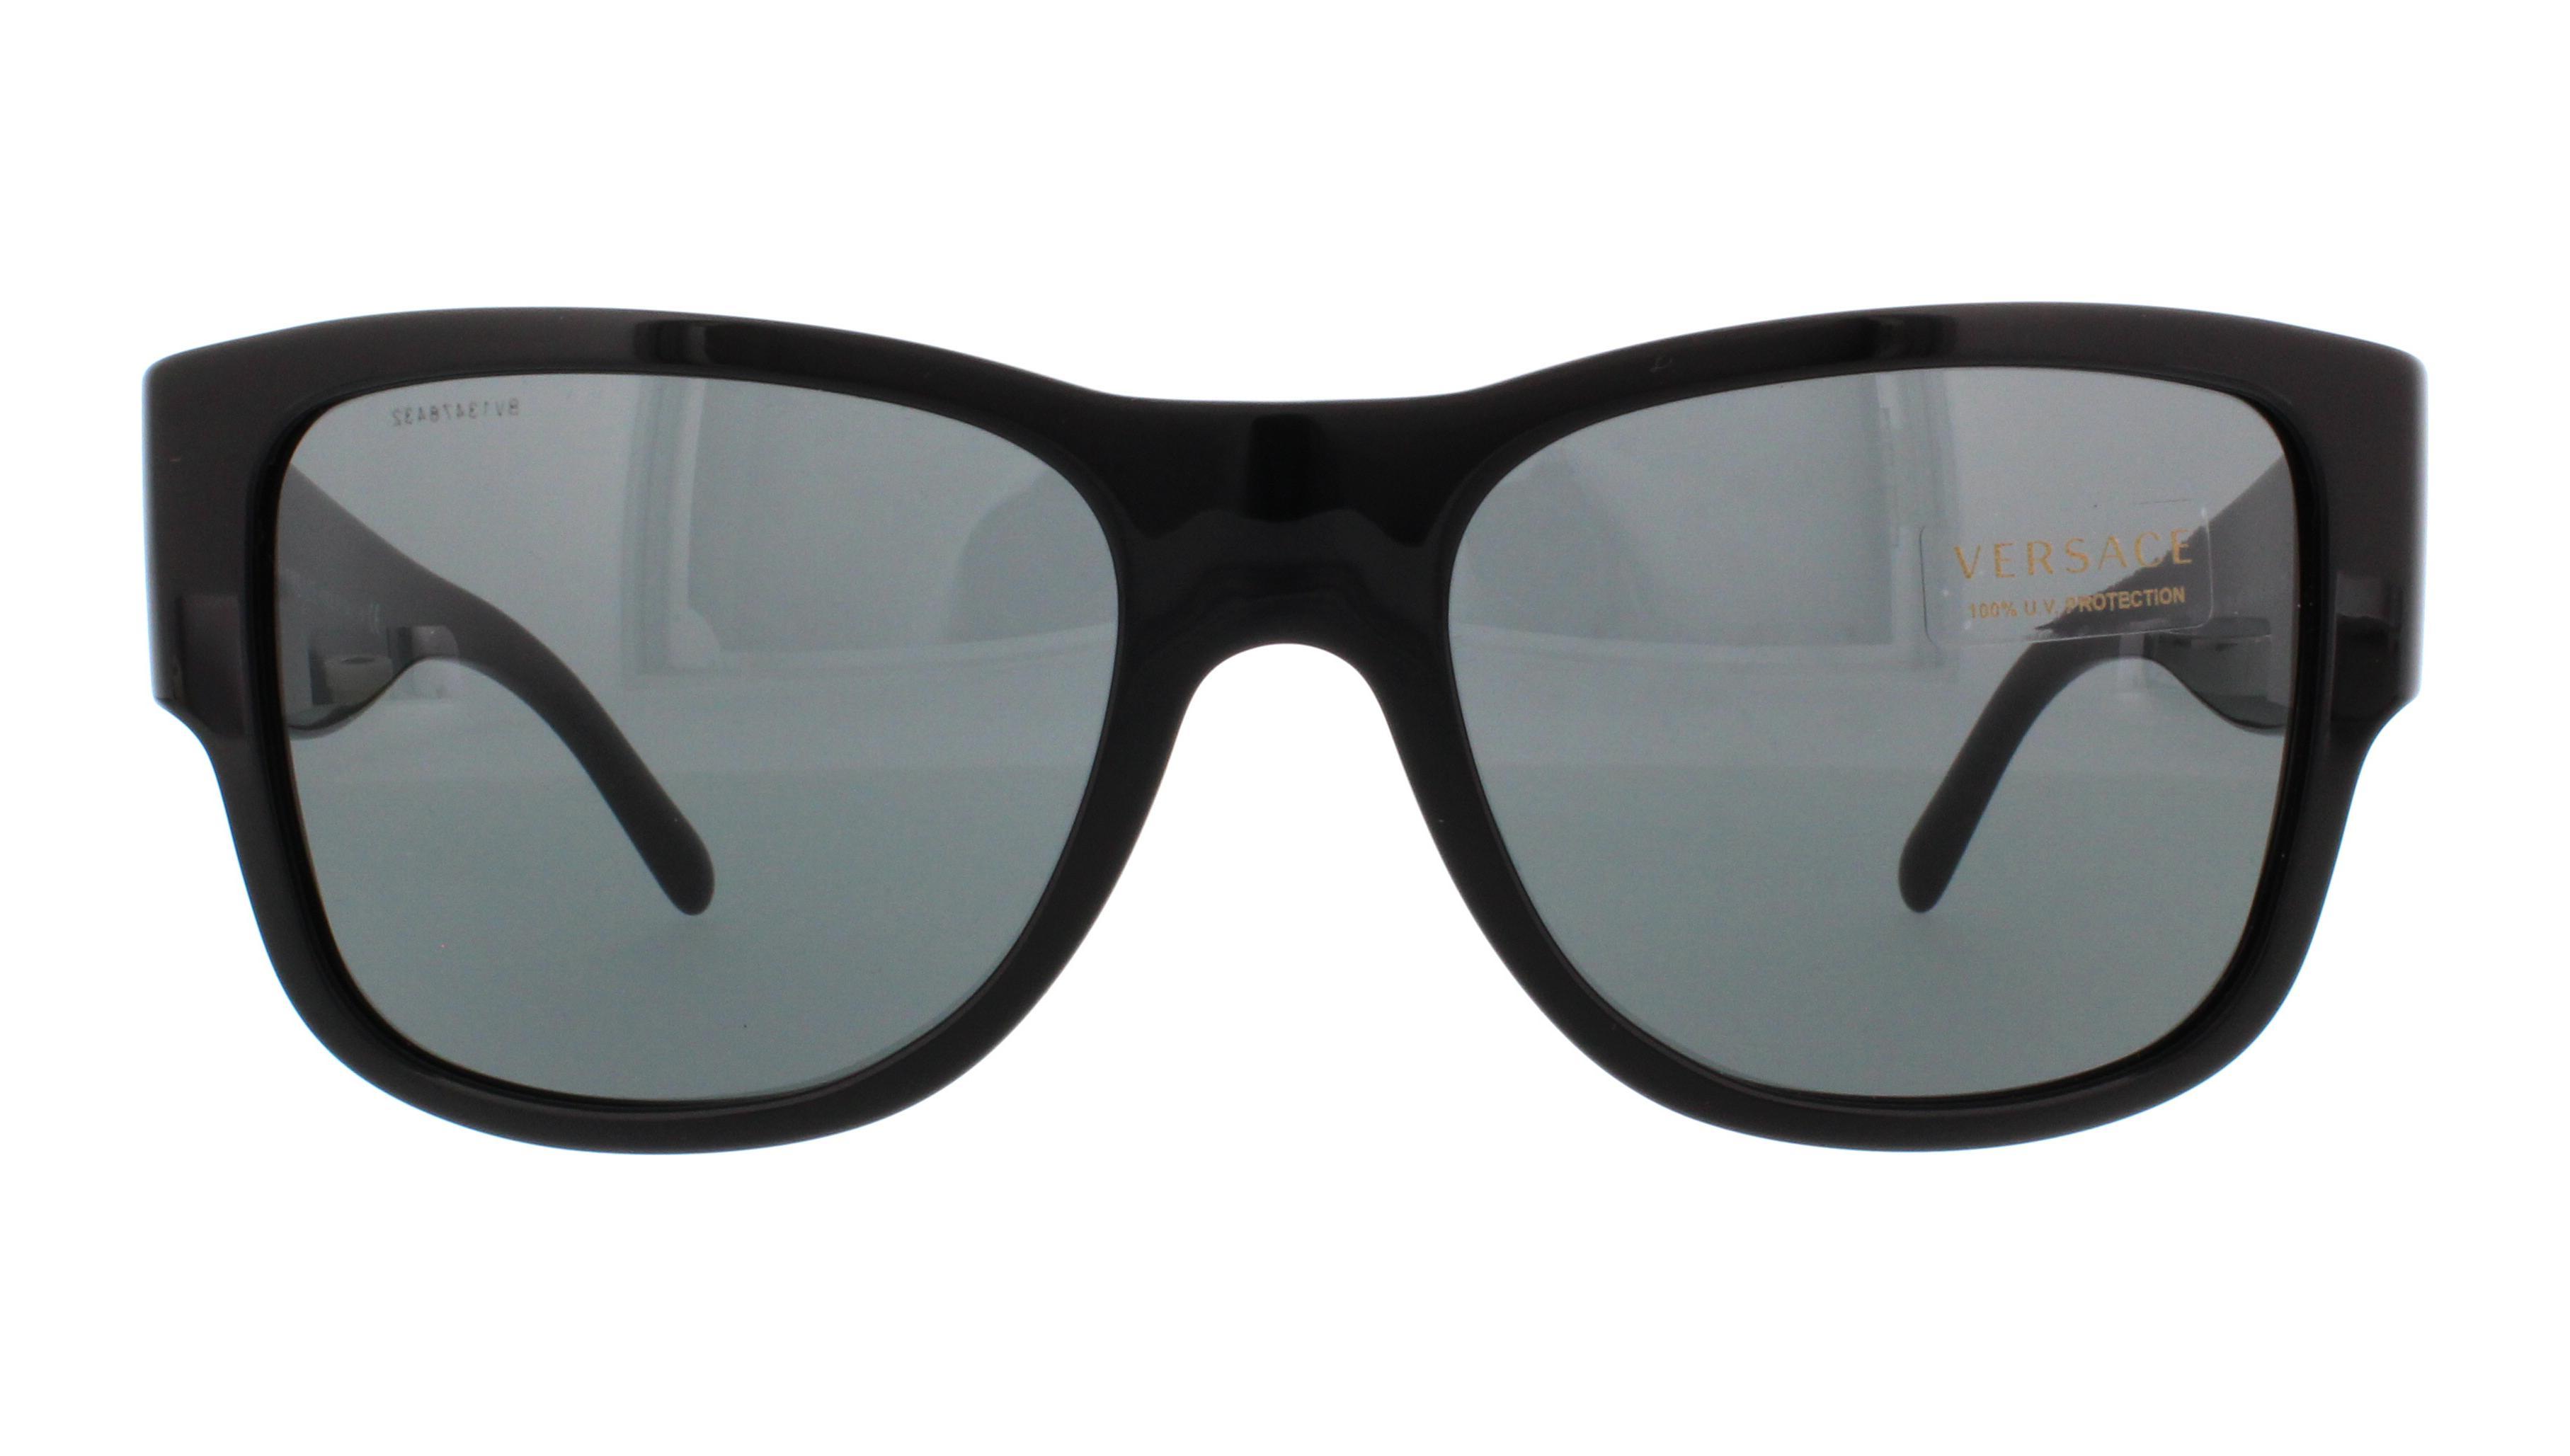 8b51b40d891 Designer Frames Outlet. Versace VE4275